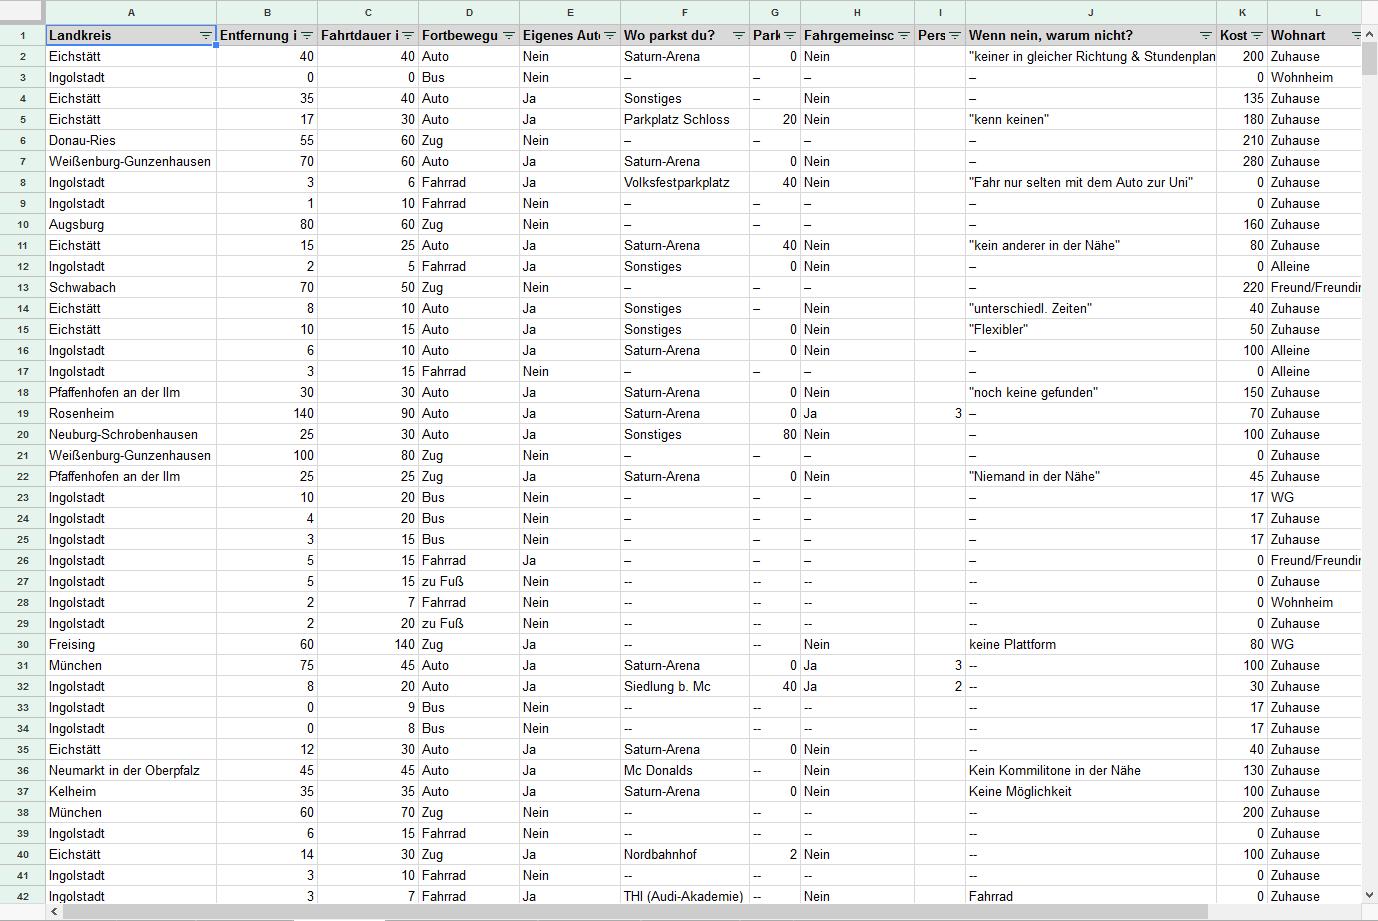 Die erhobenen Daten, in einer Tabelle eingetragen.